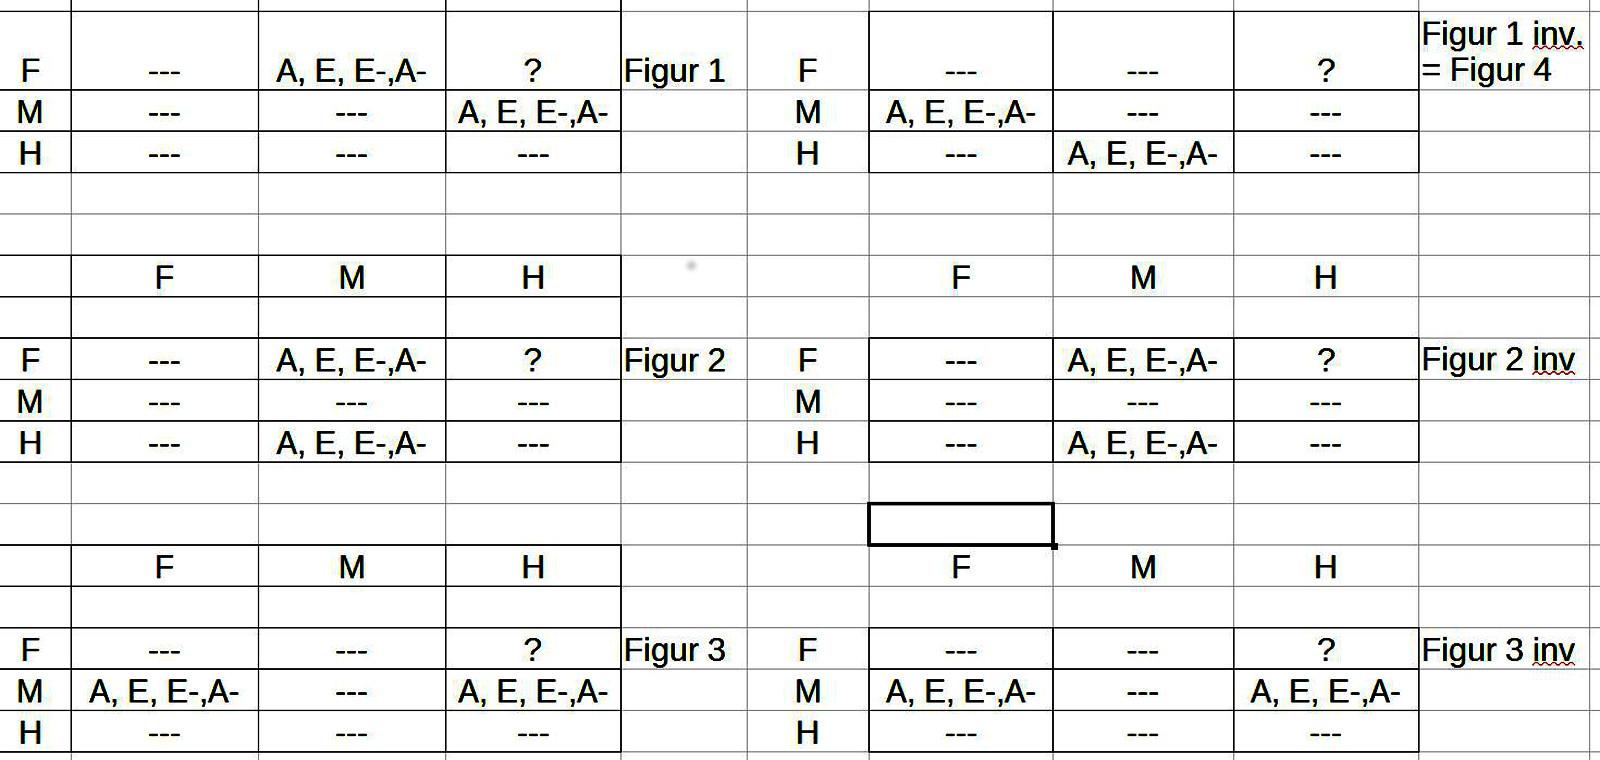 Gesamtübersicht Schlussfiguren 1-3 samt ihren Inversen und die Verteilung der Quantoren für jede Schlussfigur